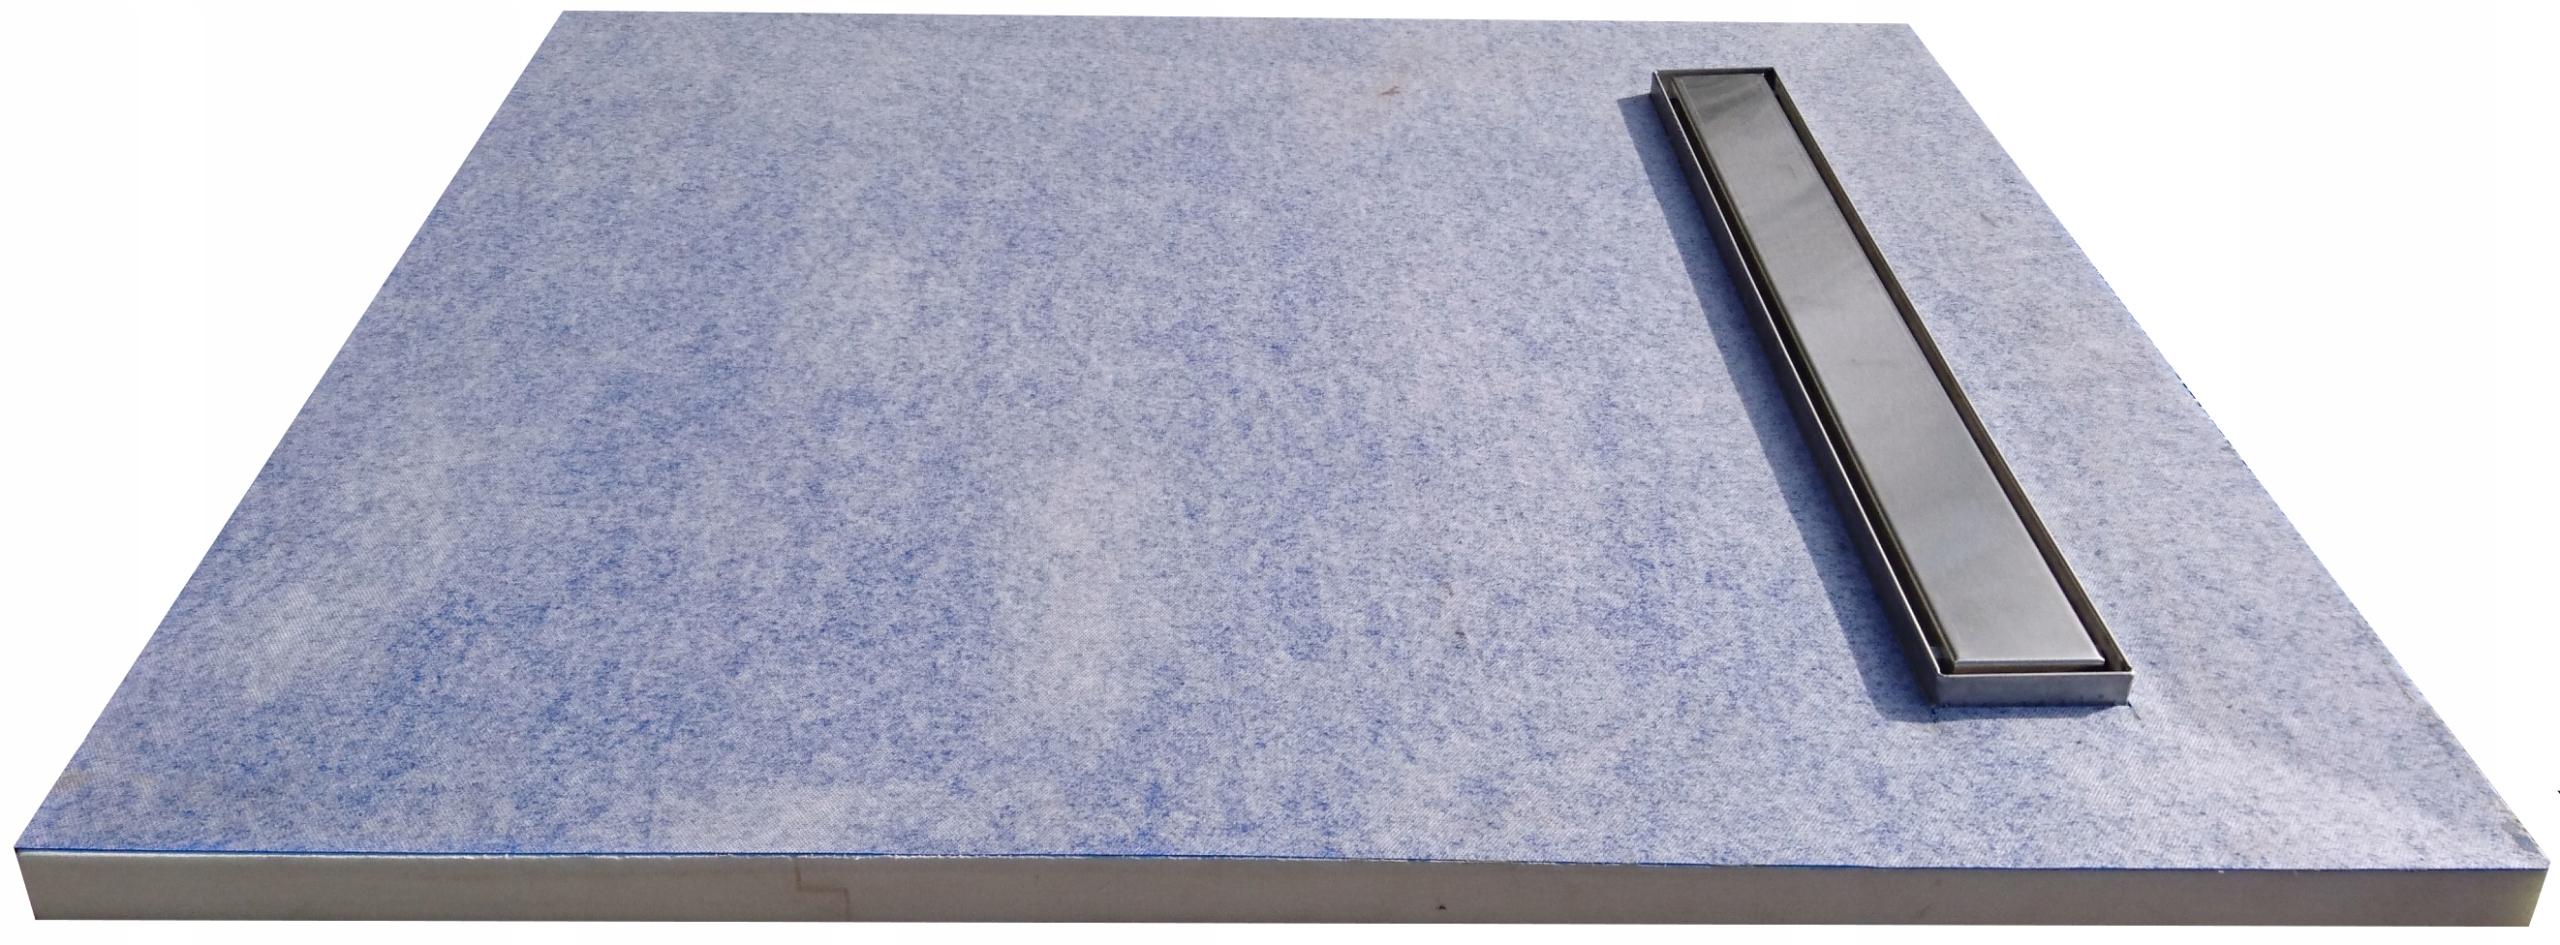 Sprchová vanička pod dlaždice S4 110x110 lineárny odtok 90